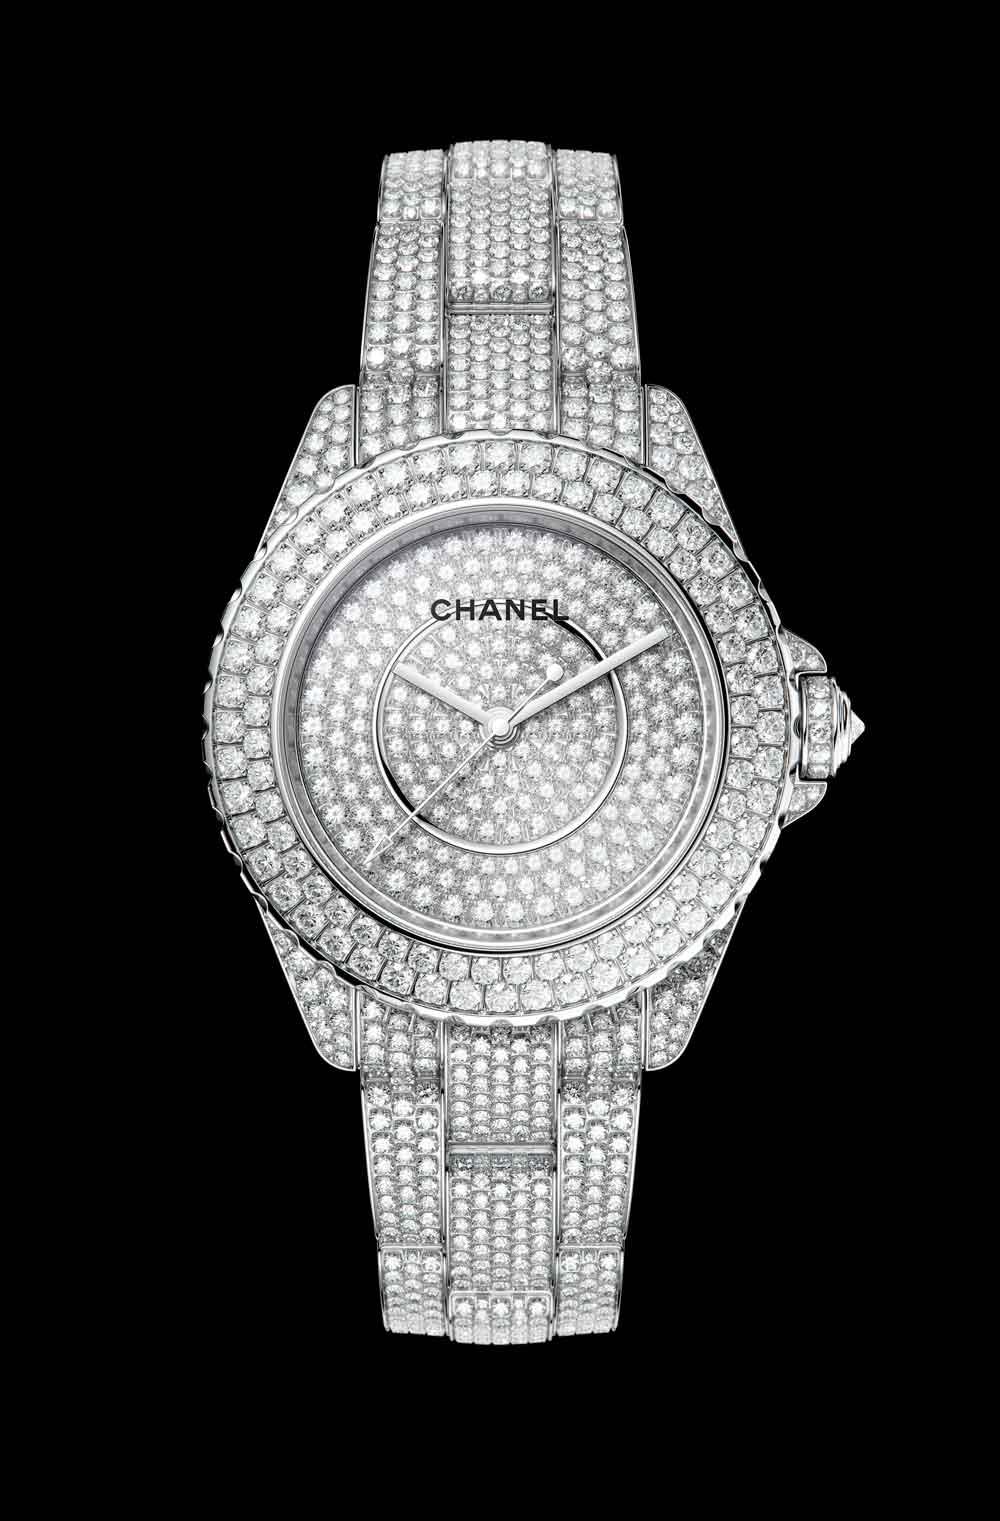 Nuevo reloj J12 Chanel engastado completamente con diamantes